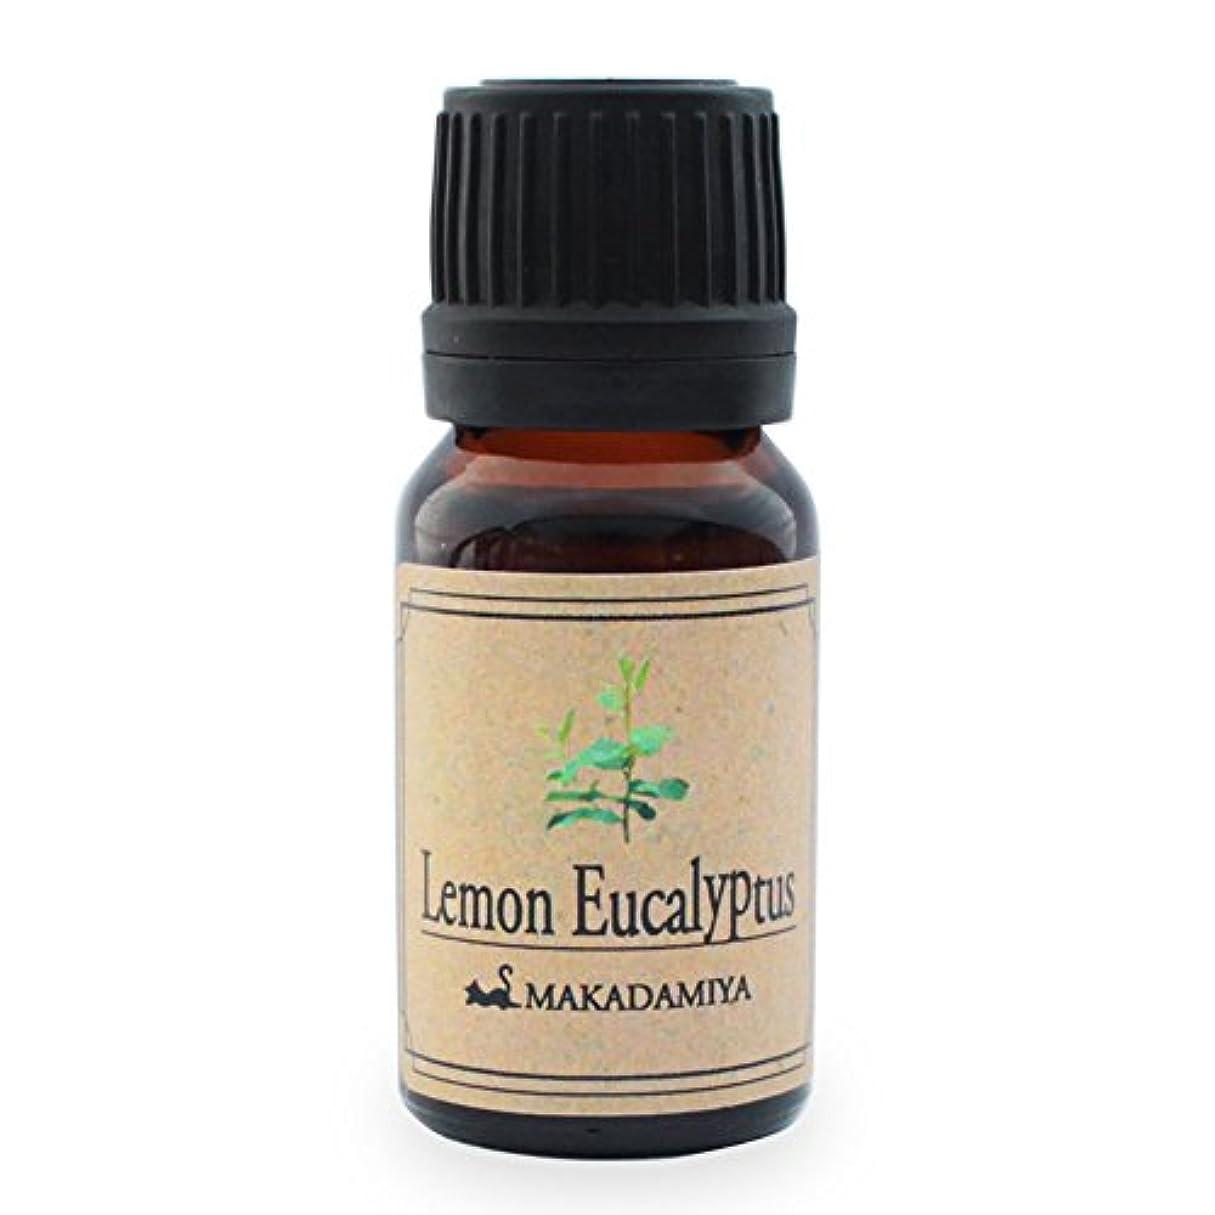 推進力枠ベッドを作るレモンユーカリ10ml 天然100%植物性 エッセンシャルオイル(精油) アロマオイル アロママッサージ aroma Eucalyptus Citriodora